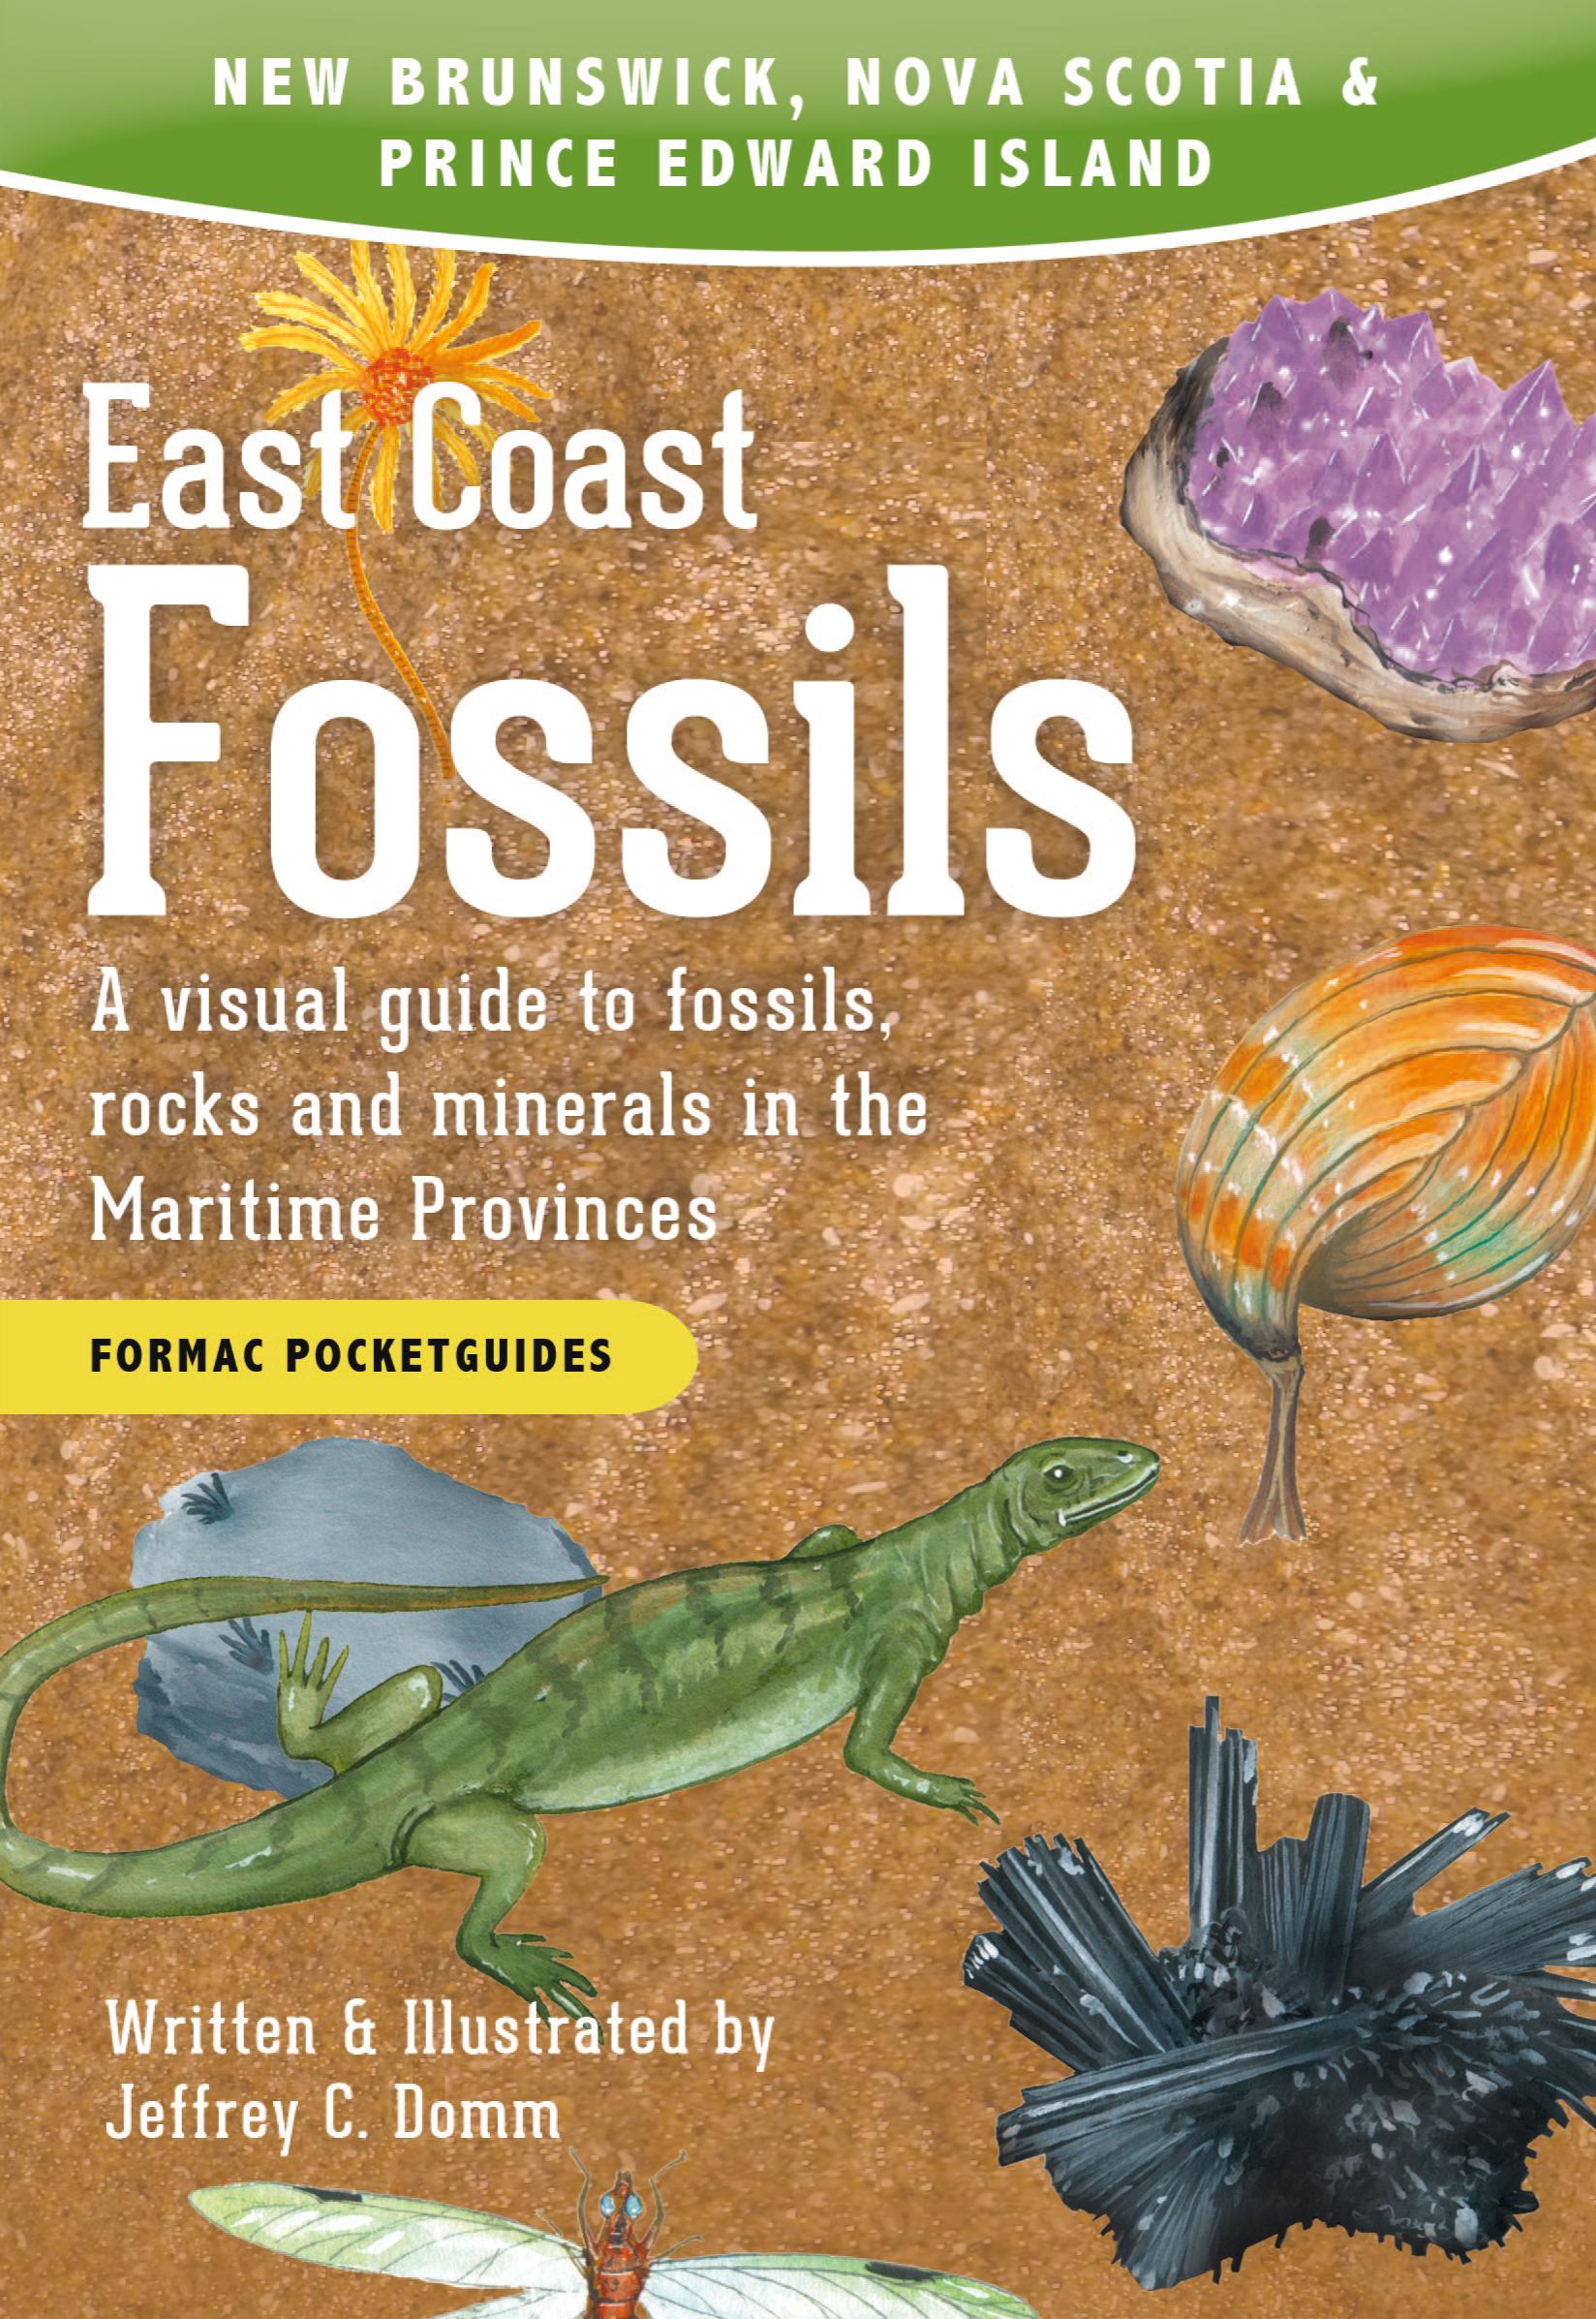 East Coast Fossils